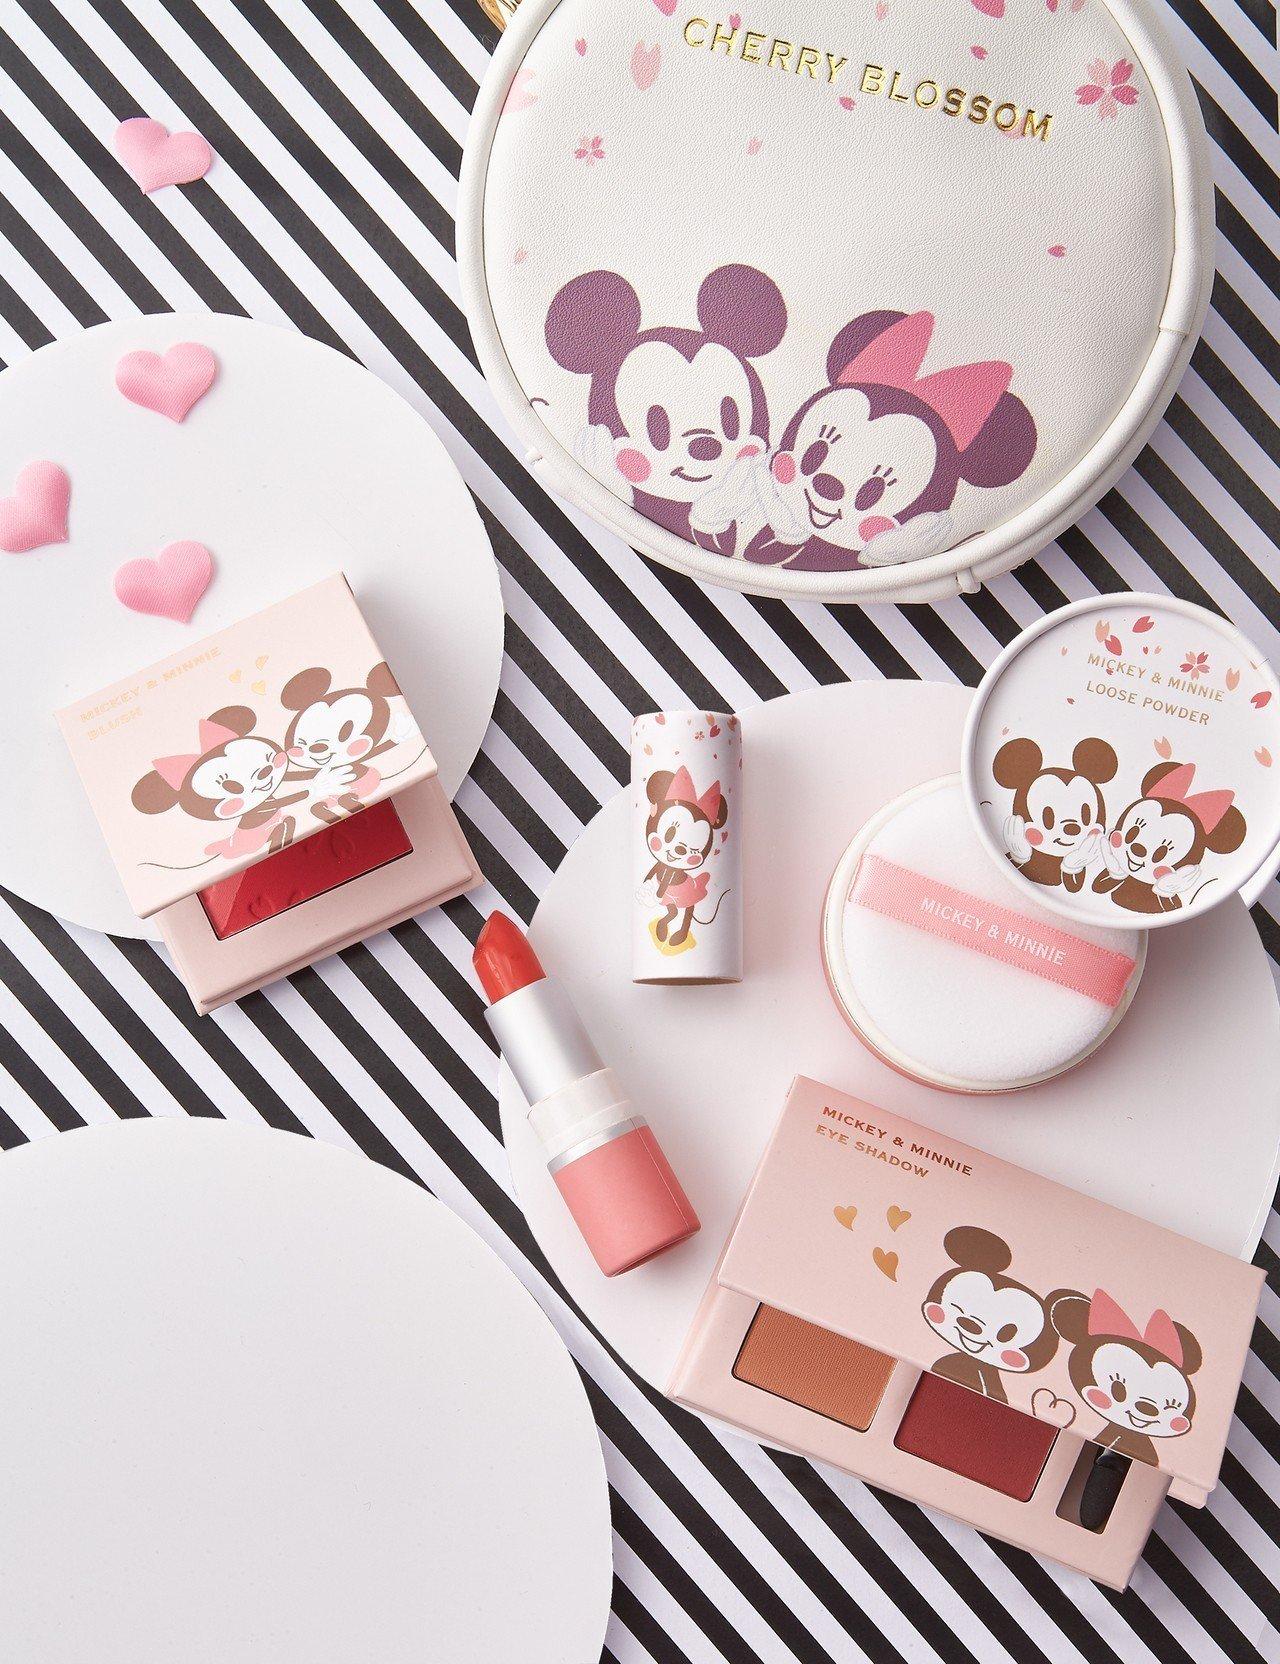 限量超值的迪士尼櫻花系列彩妝5件組,7-ELEVEN全球搶先販售,售價1,388...